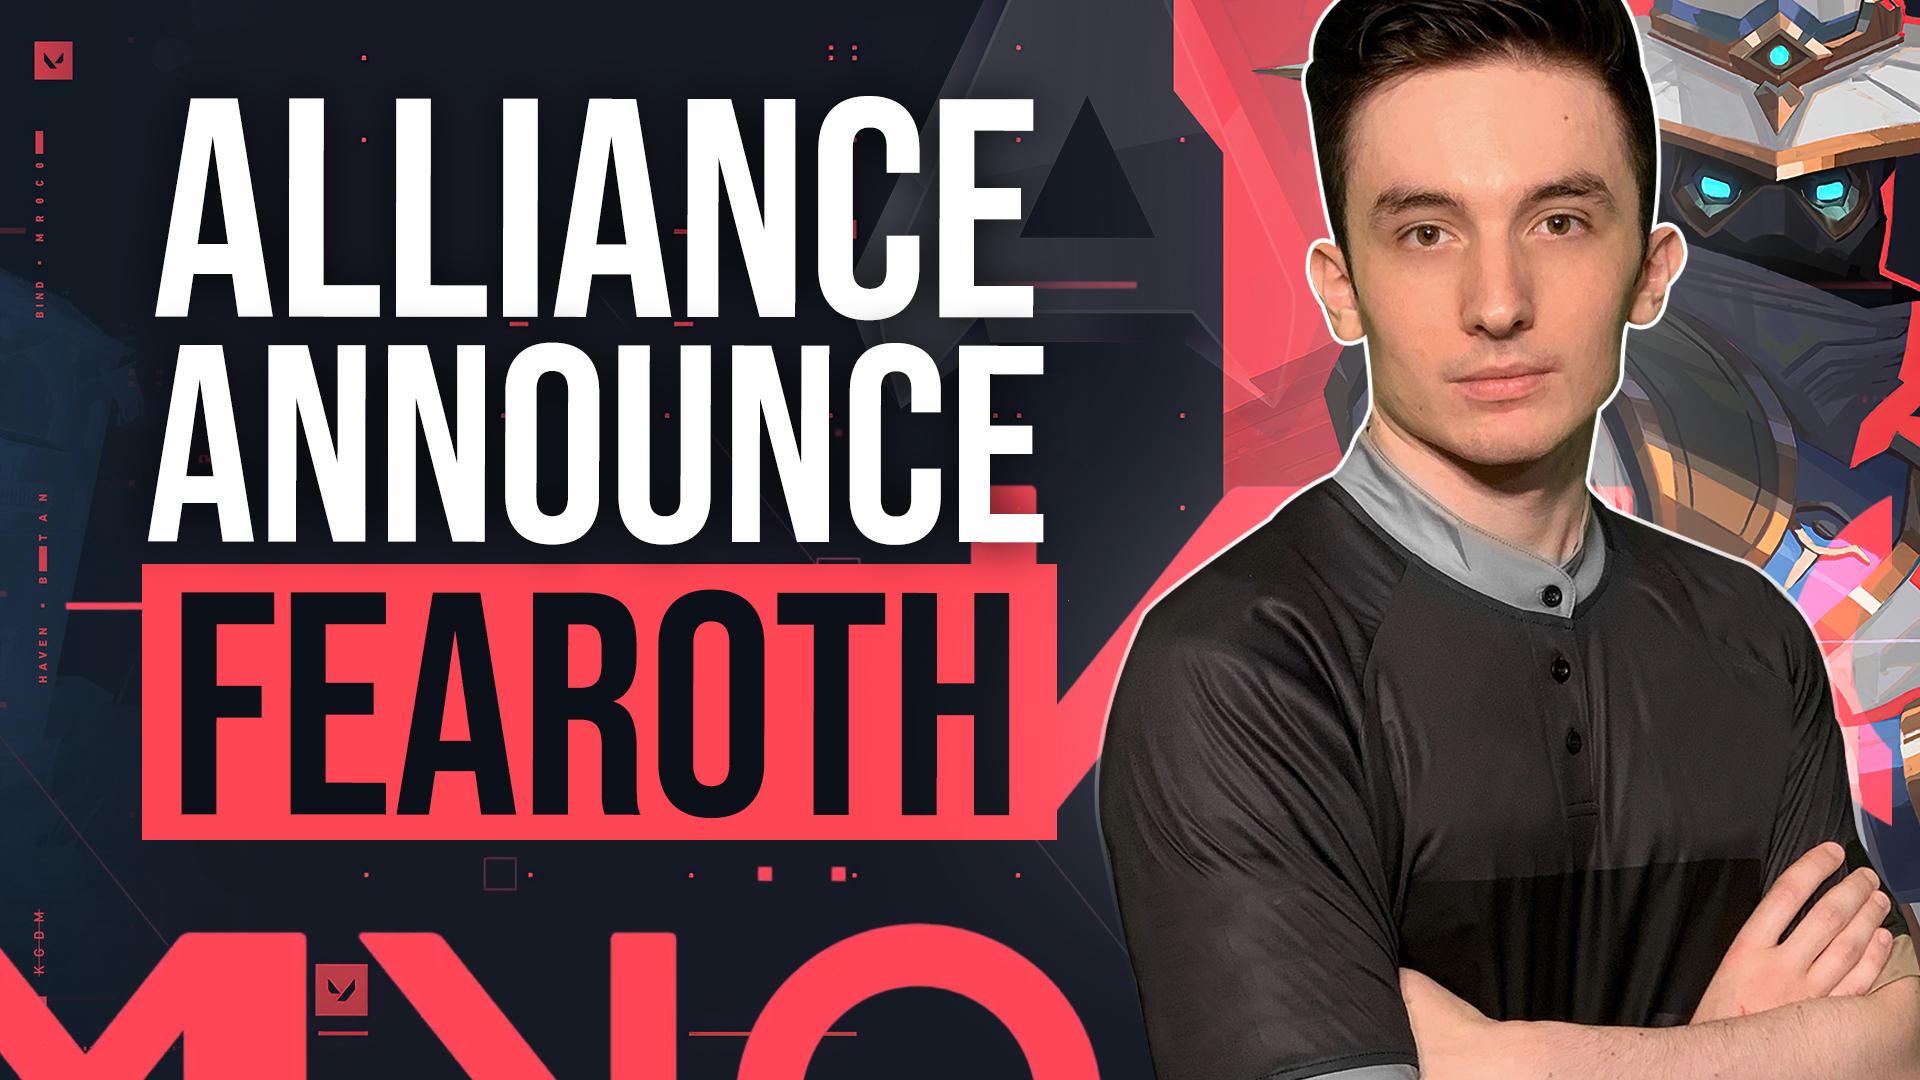 Alliance announced Fearoth as Valorant IGL